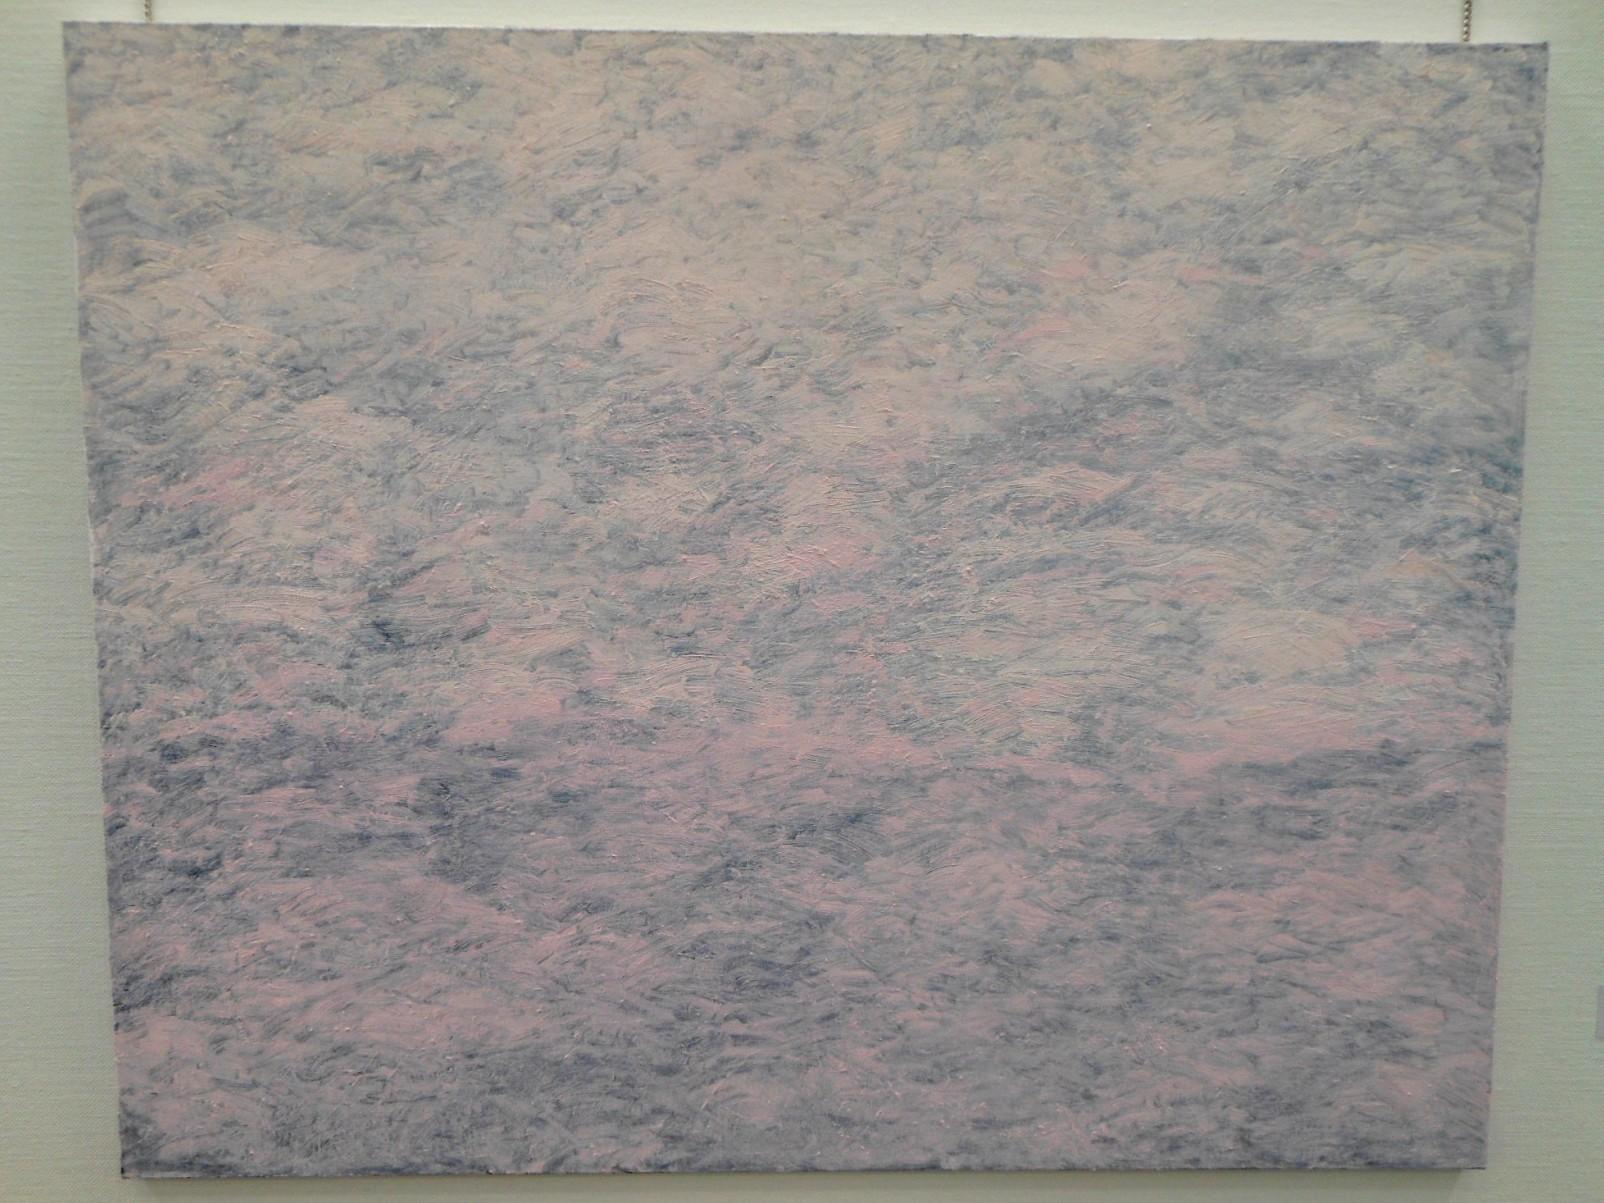 1709)②「北海道抽象派作家協会展 '12 第39回」 市民ギャラリー 終了・4月10日(火)~4月15日(日)_f0126829_9483072.jpg